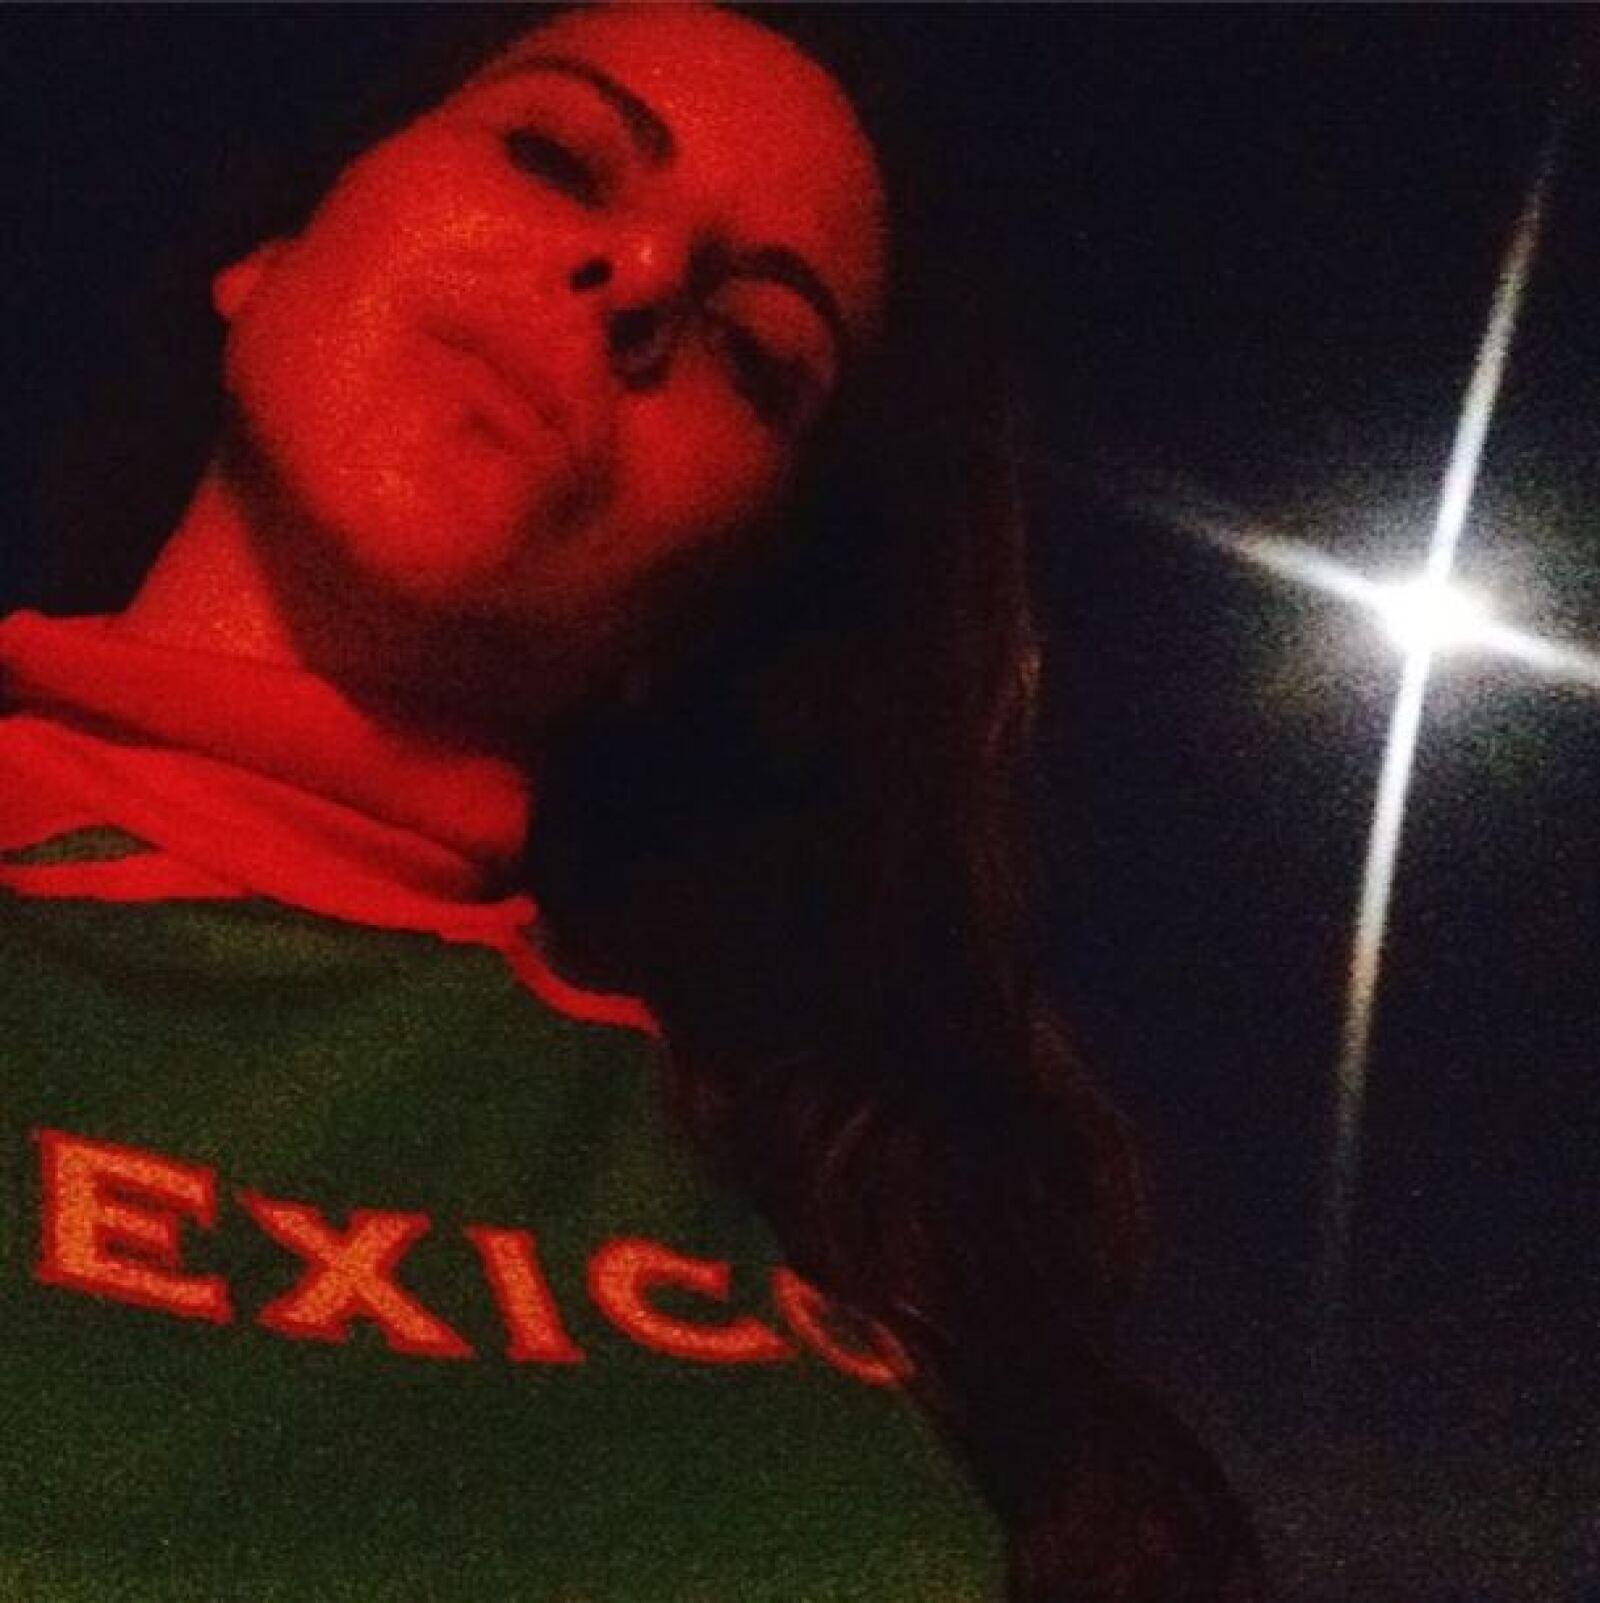 Kate del Castillo compartió su emoción por el partido desde una noche antes.